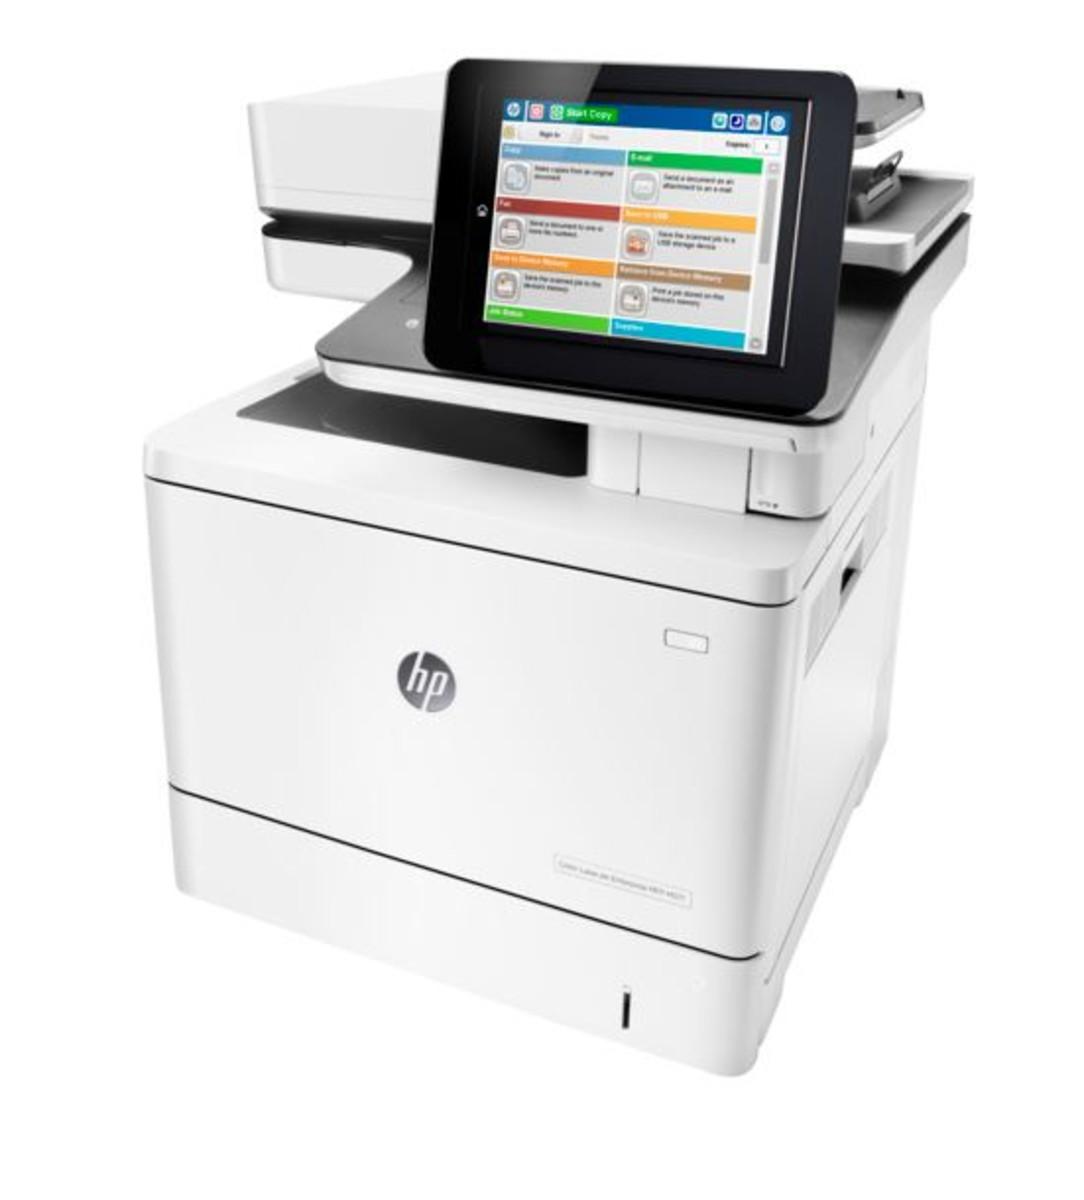 HP LaserJet Enterprise M577f Colour Printer